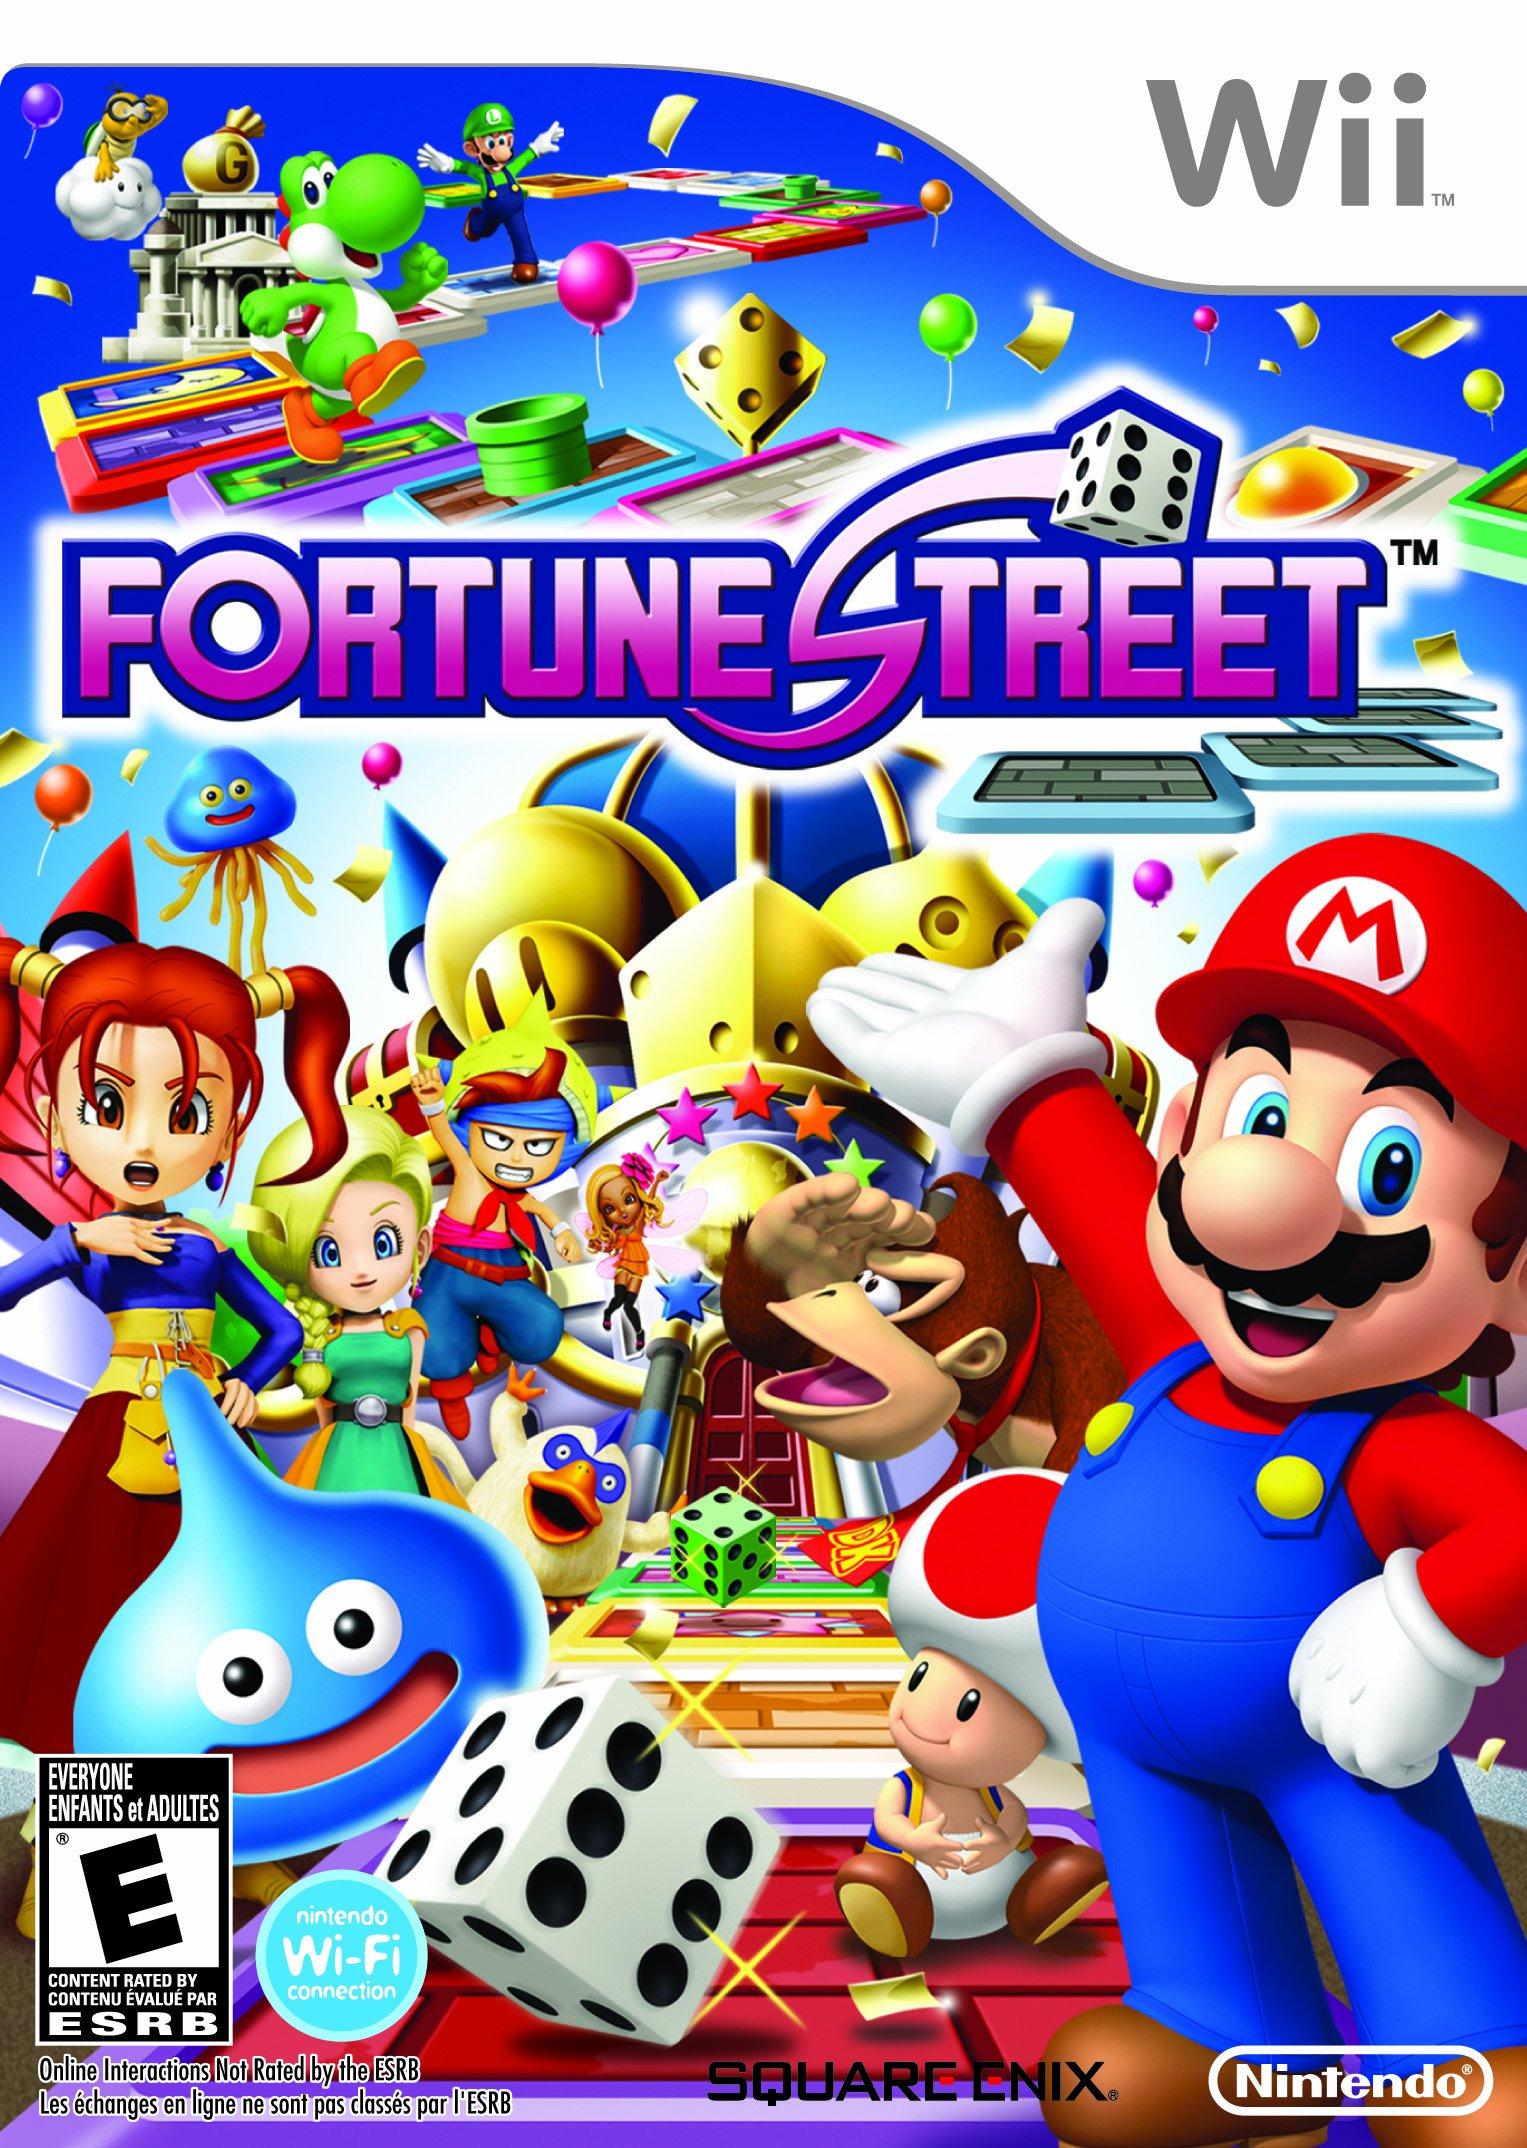 Amazon: Juegos de Nintendo Wii y DS desde $49.00 - $69.00